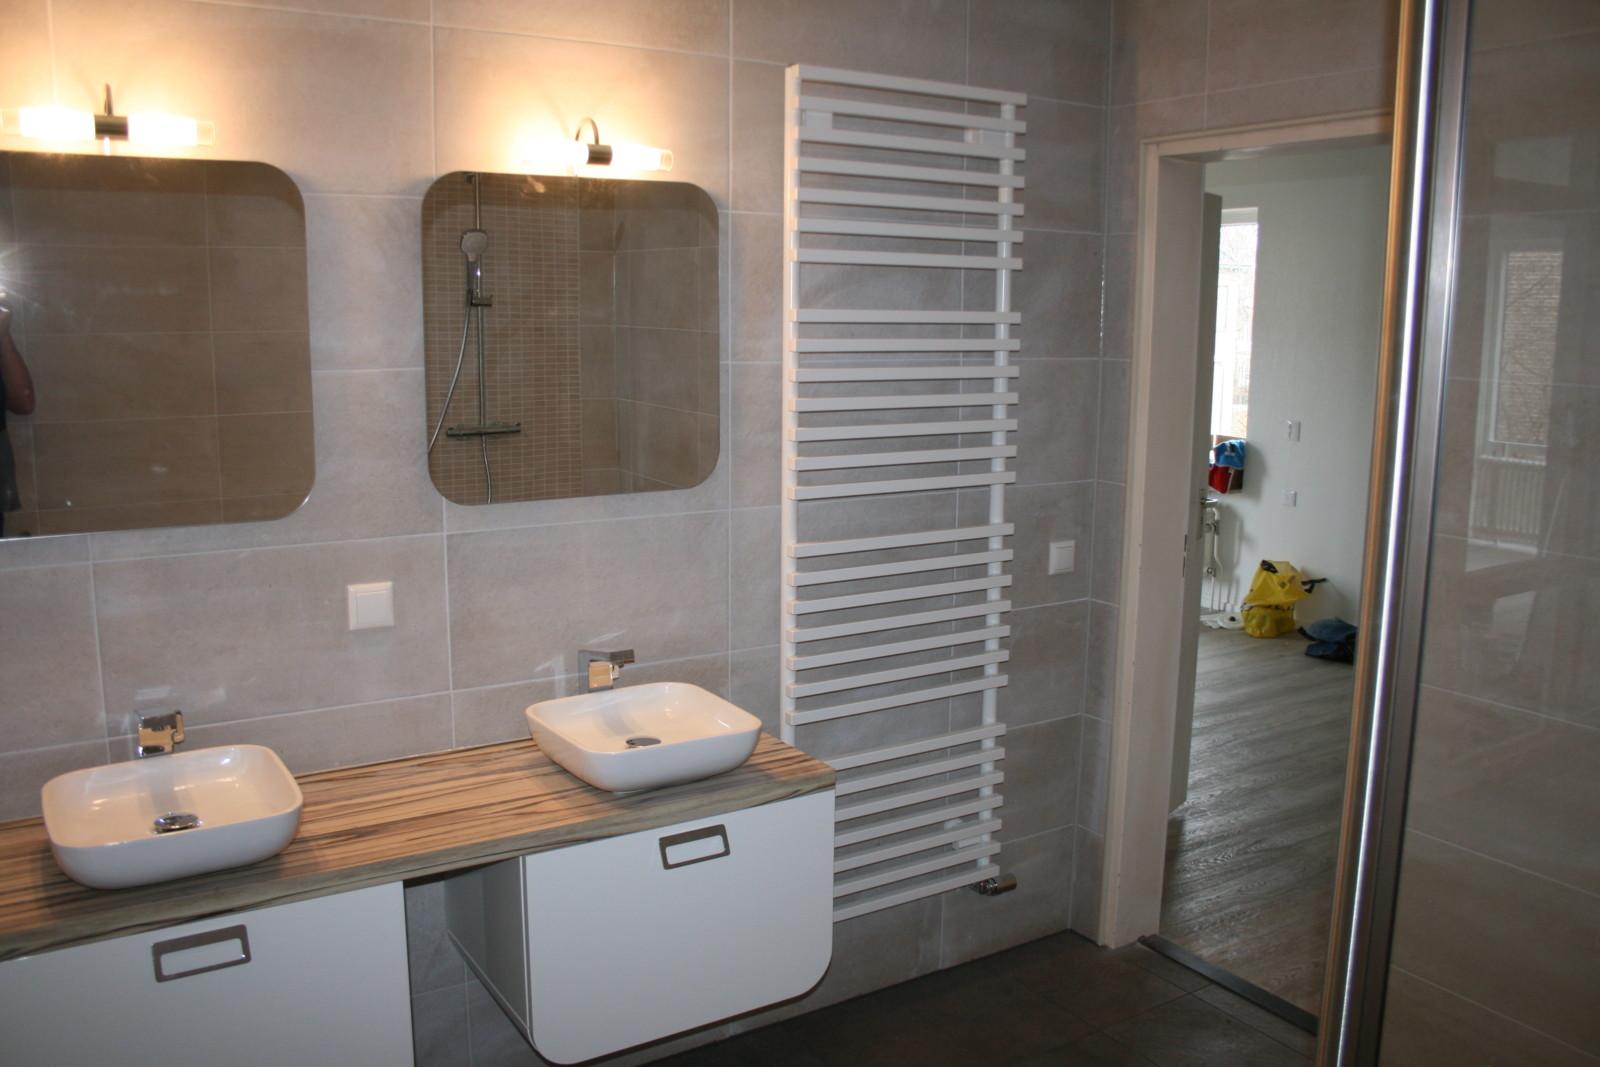 Badkamer En Keuken : Badkamer toilet en keuken verbouwing apeldoorn de klussenier